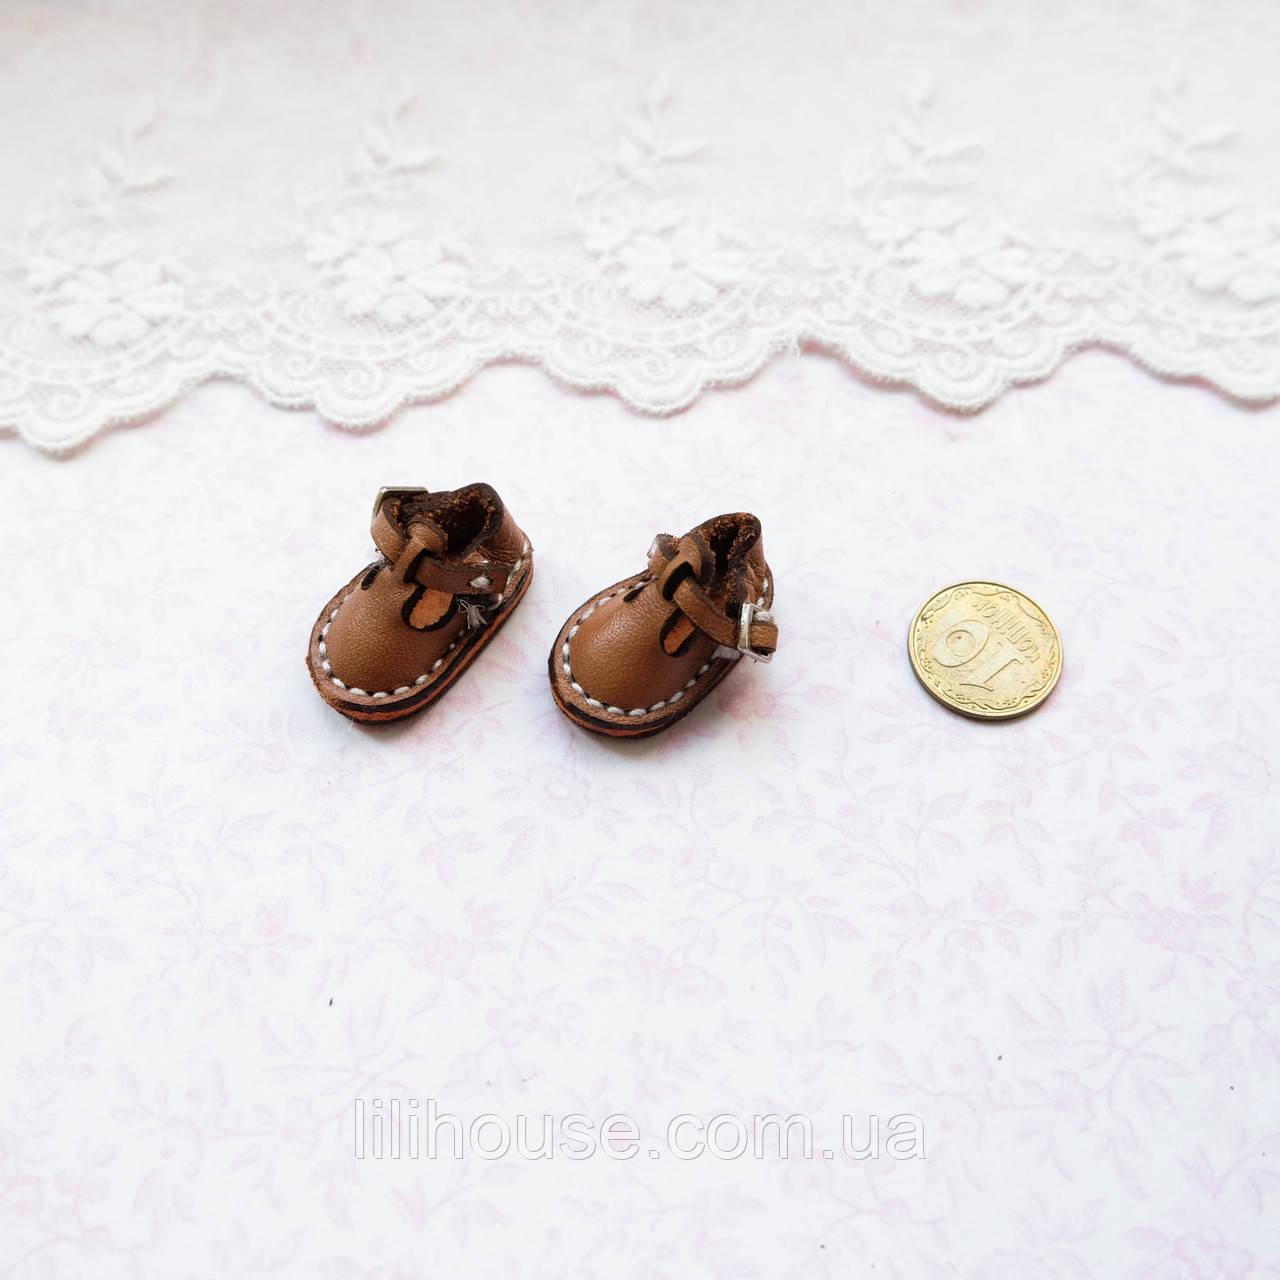 Обувь для кукол Кожаные Сандалики  25*15 мм КОРИЧНЕВЫЕ